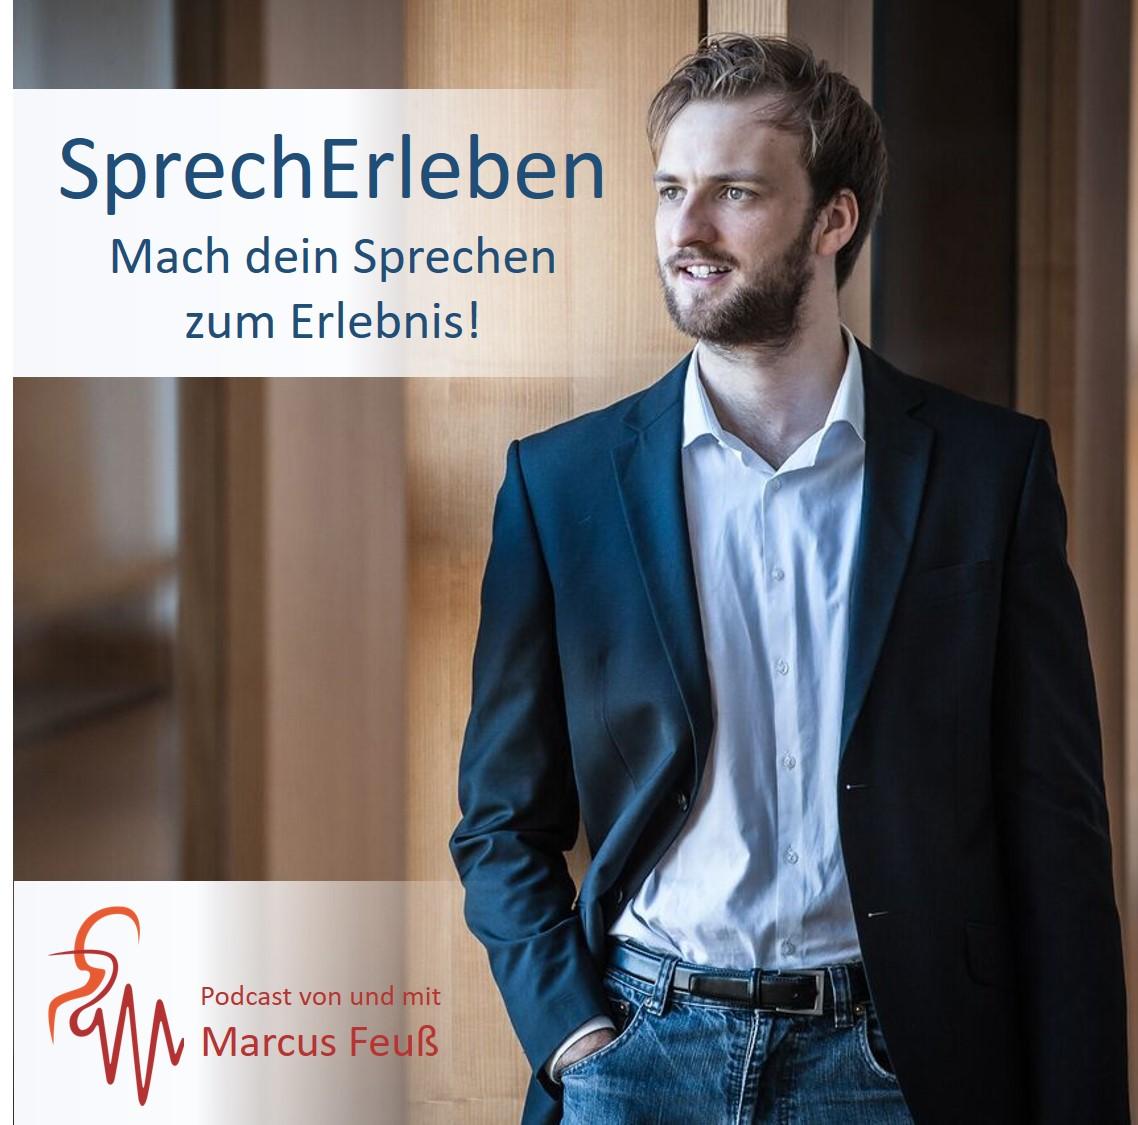 Podcast-Cover SprechErleben - Mach dein Sprechen zum Erlebnis!